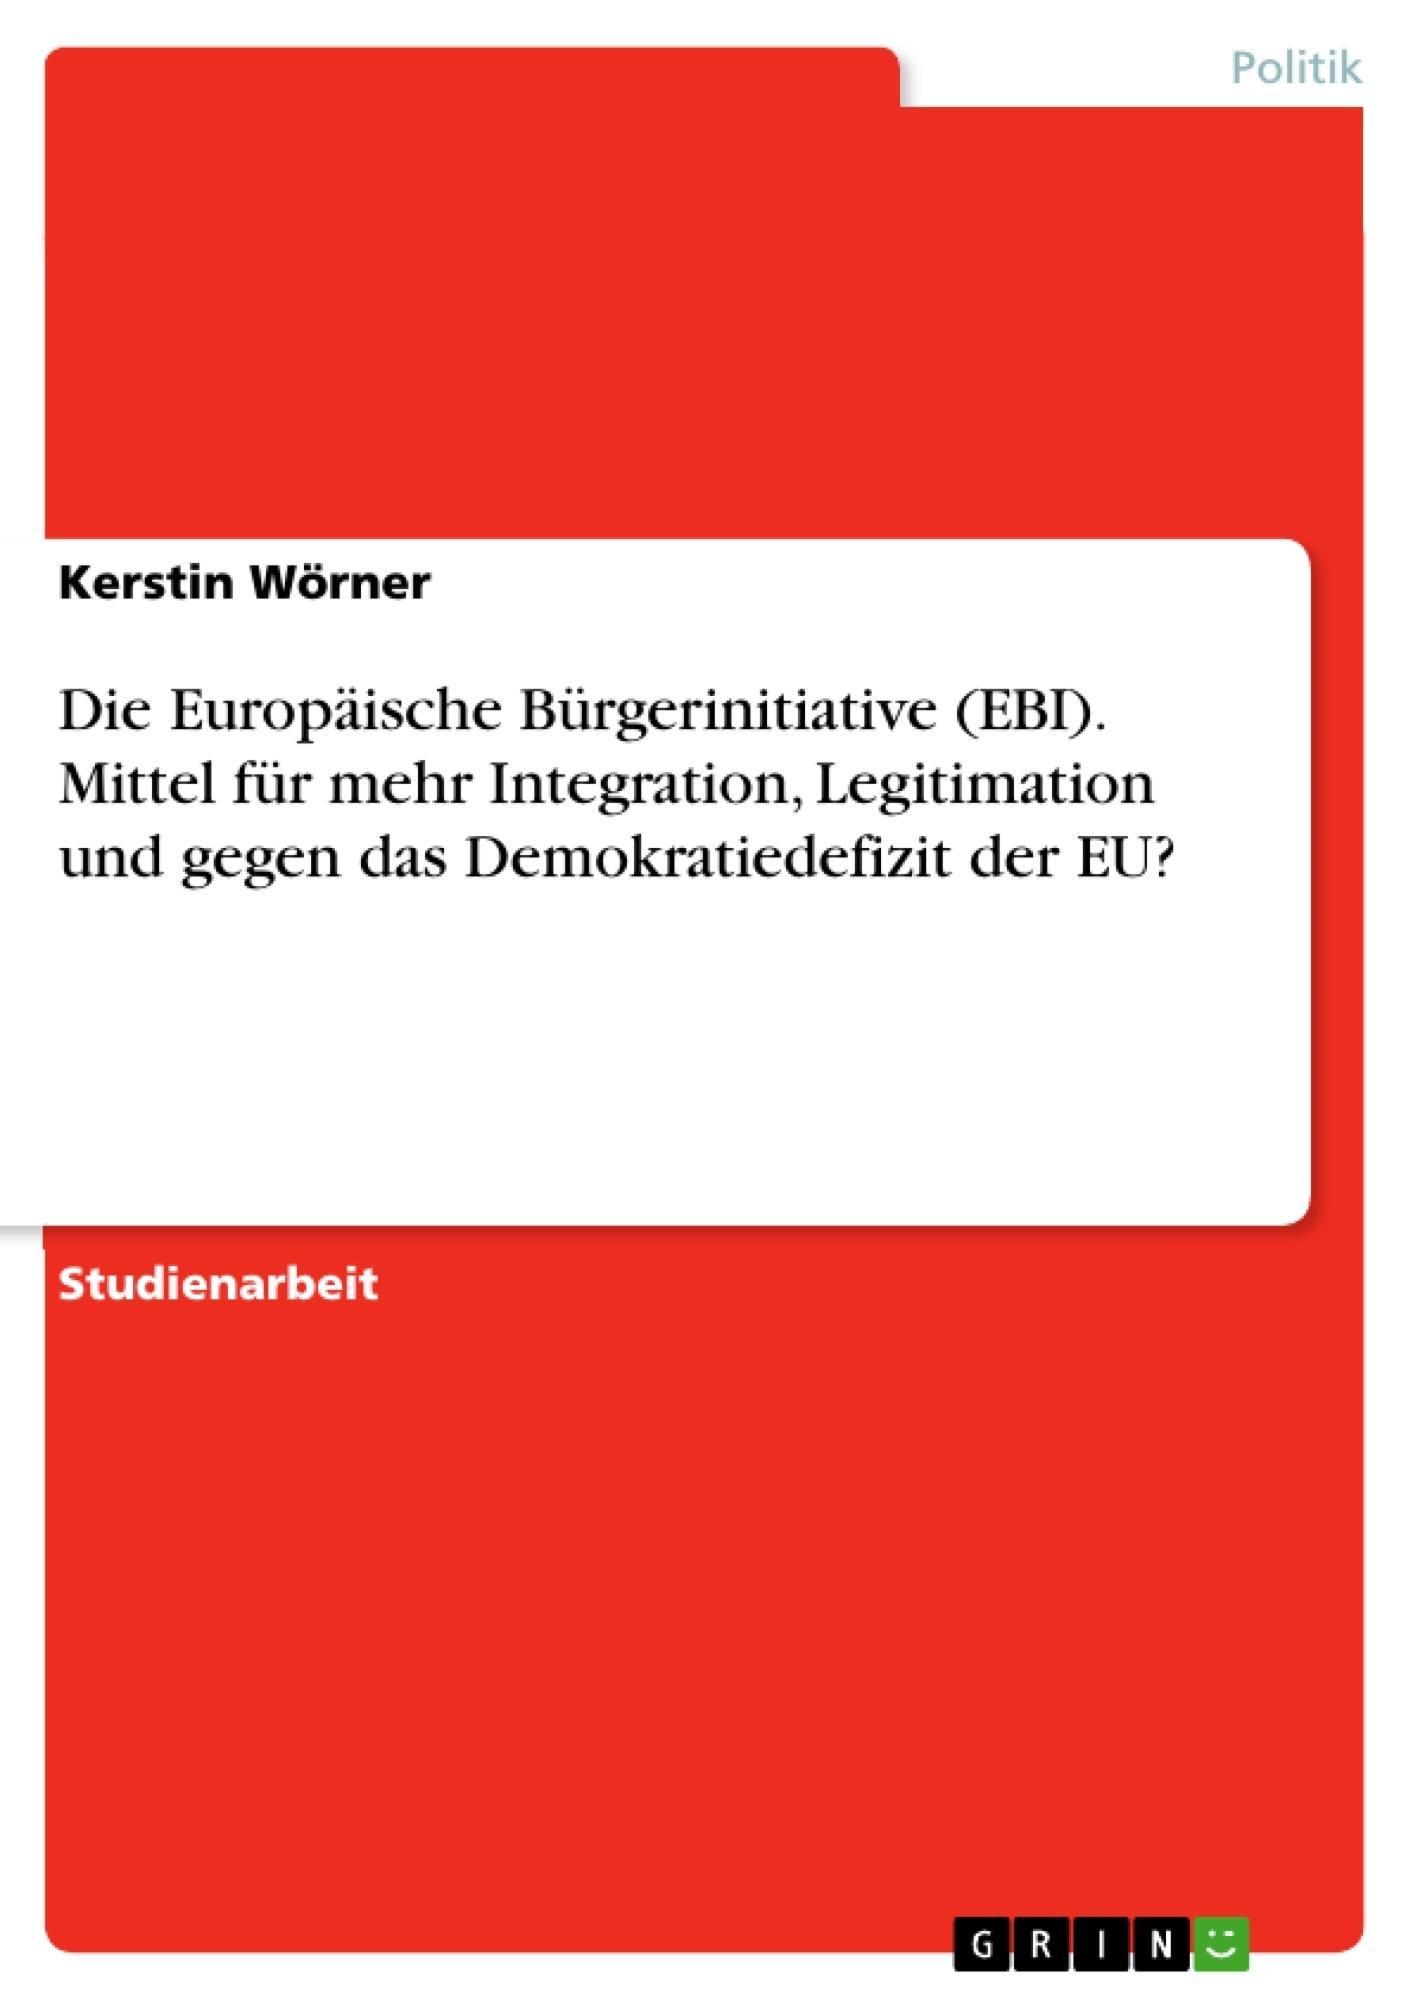 Titel: Die Europäische Bürgerinitiative (EBI). Mittel für mehr Integration, Legitimation und gegen das Demokratiedefizit der EU?